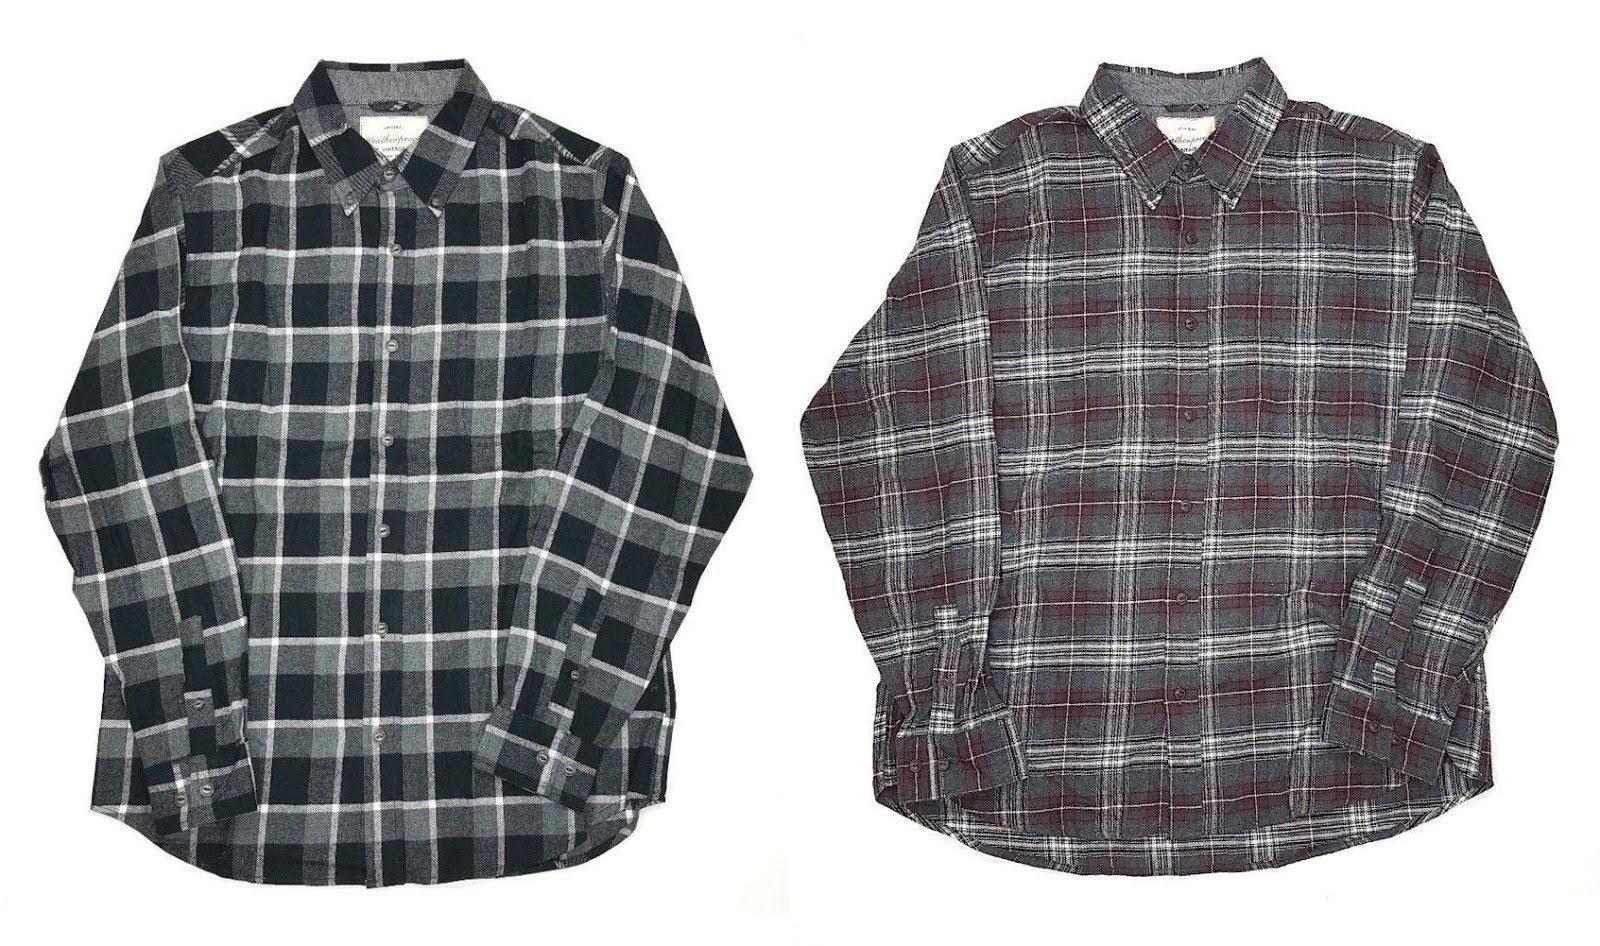 Vintage Größen Farben 966330 Verschiedene Herren Wetterfestes Flanellhemd Für HdqwTzR